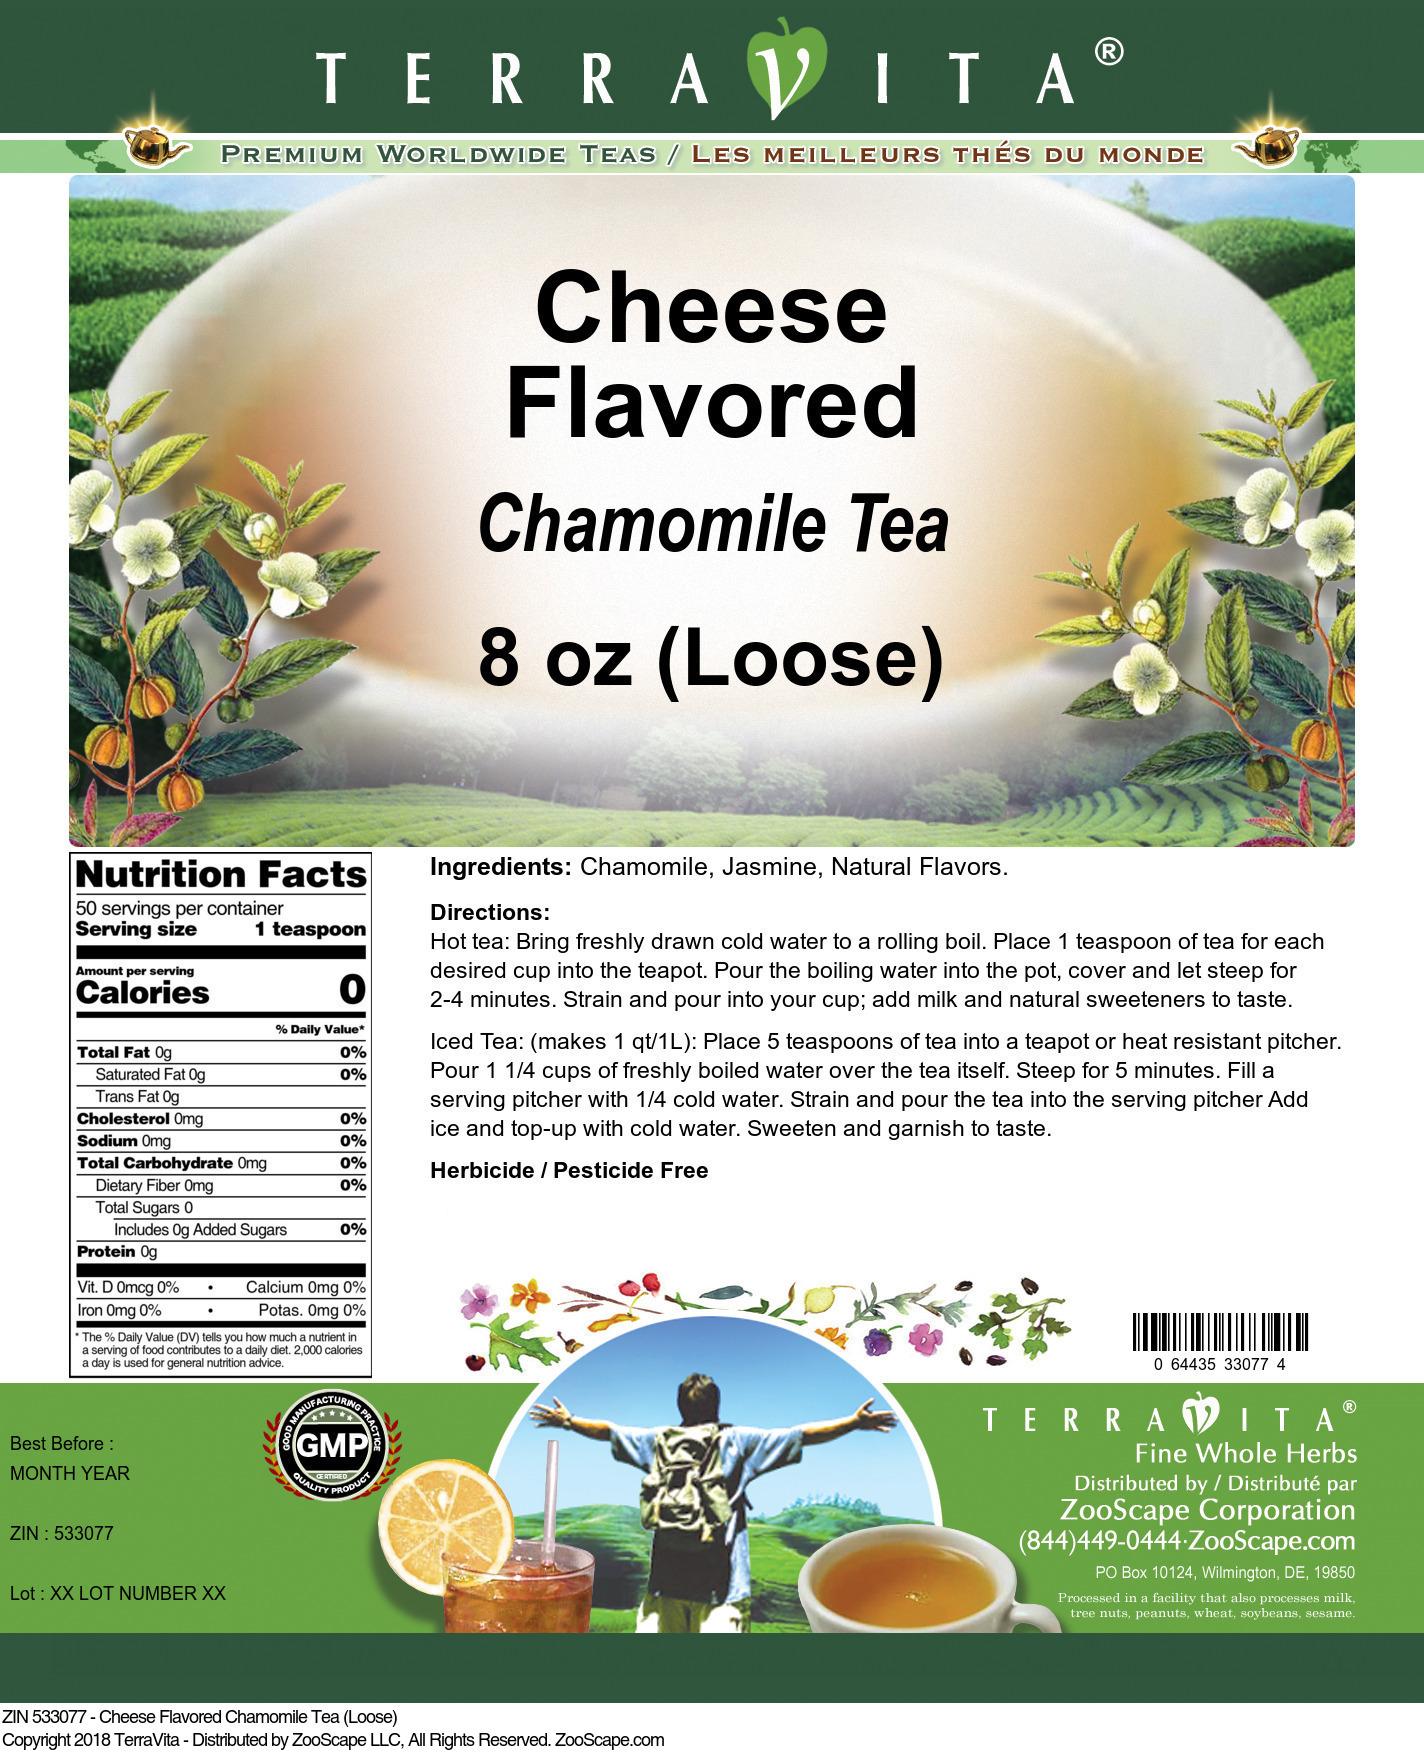 Cheese Flavored Chamomile Tea